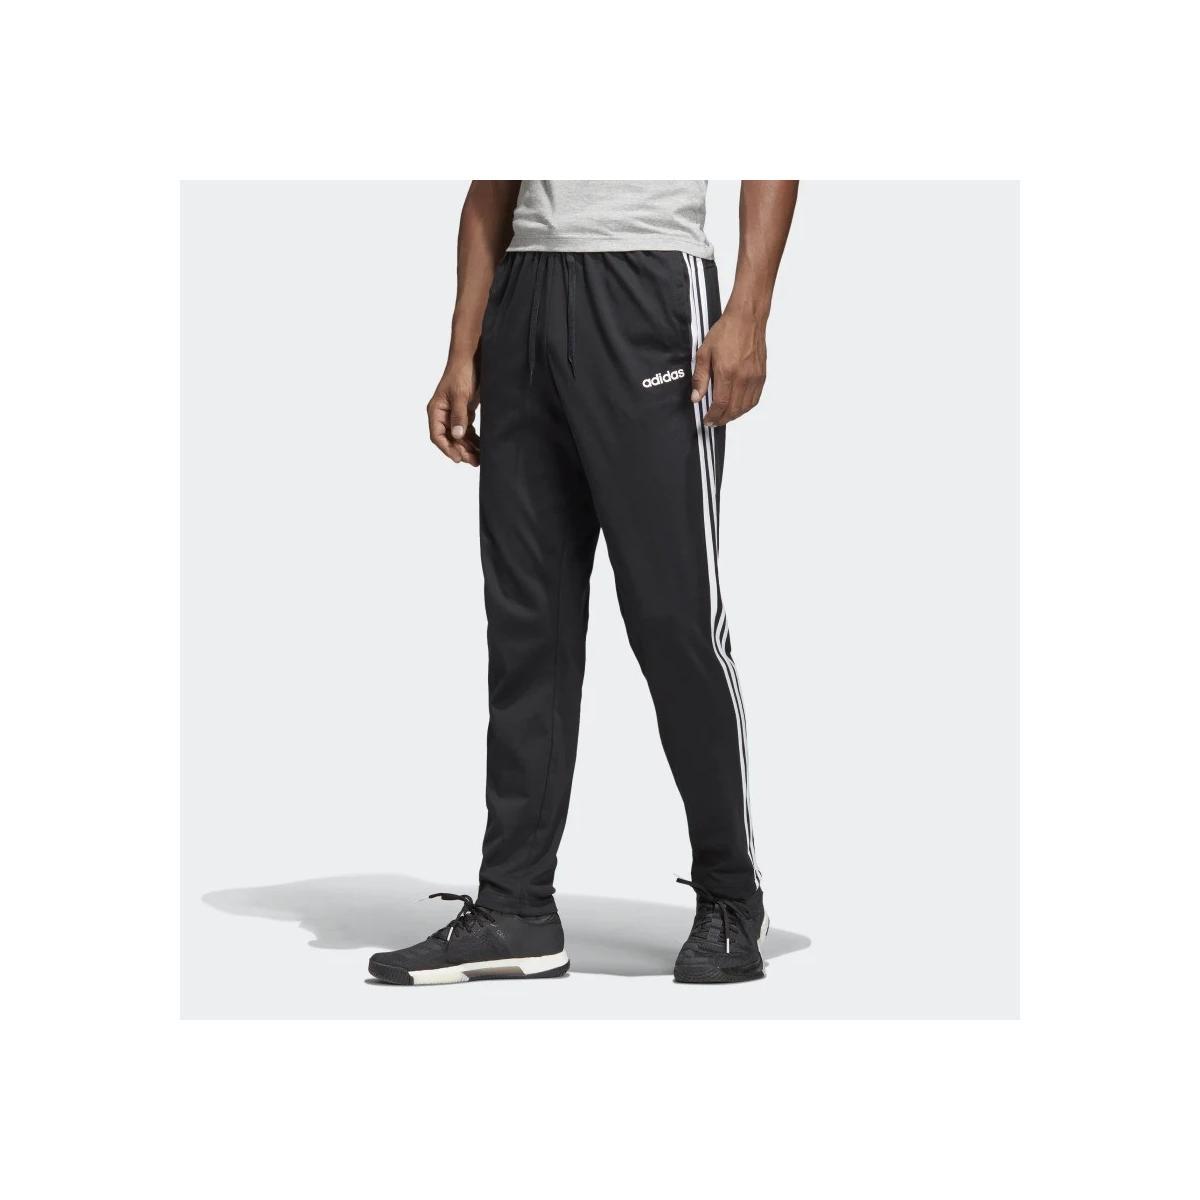 pantaloni sportivi uomo adidas scontati